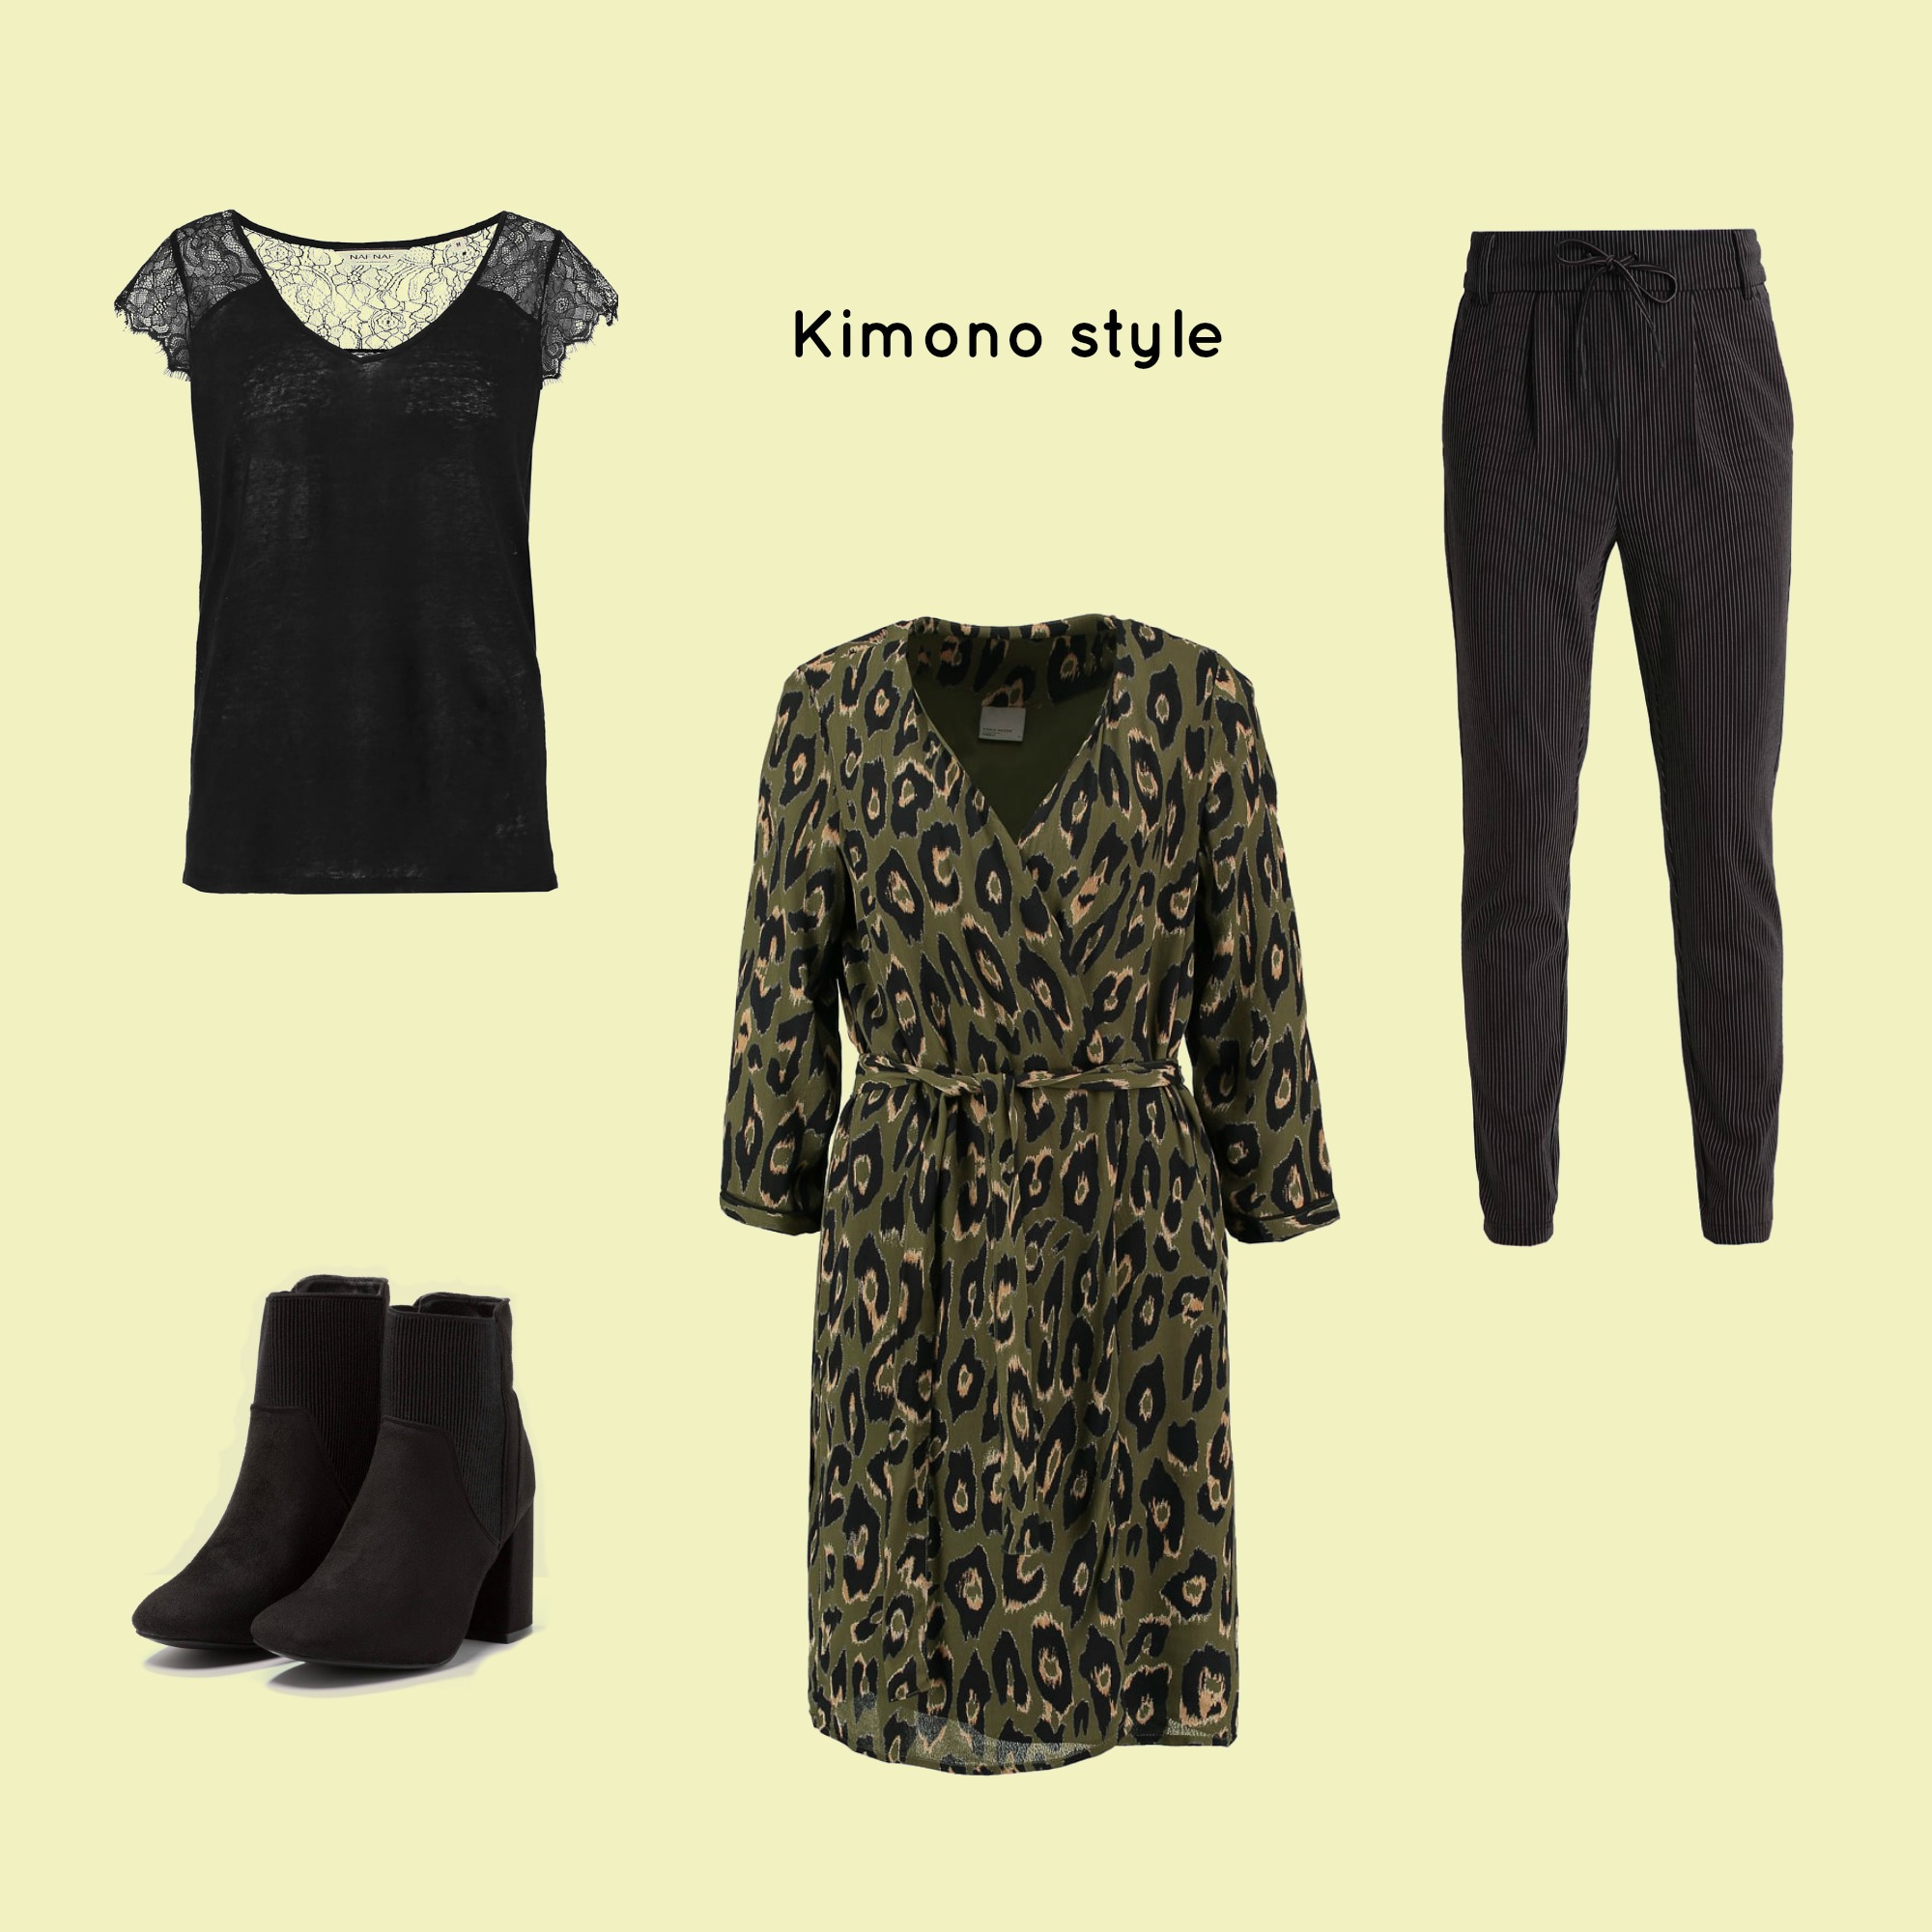 efterår-mode-outfit